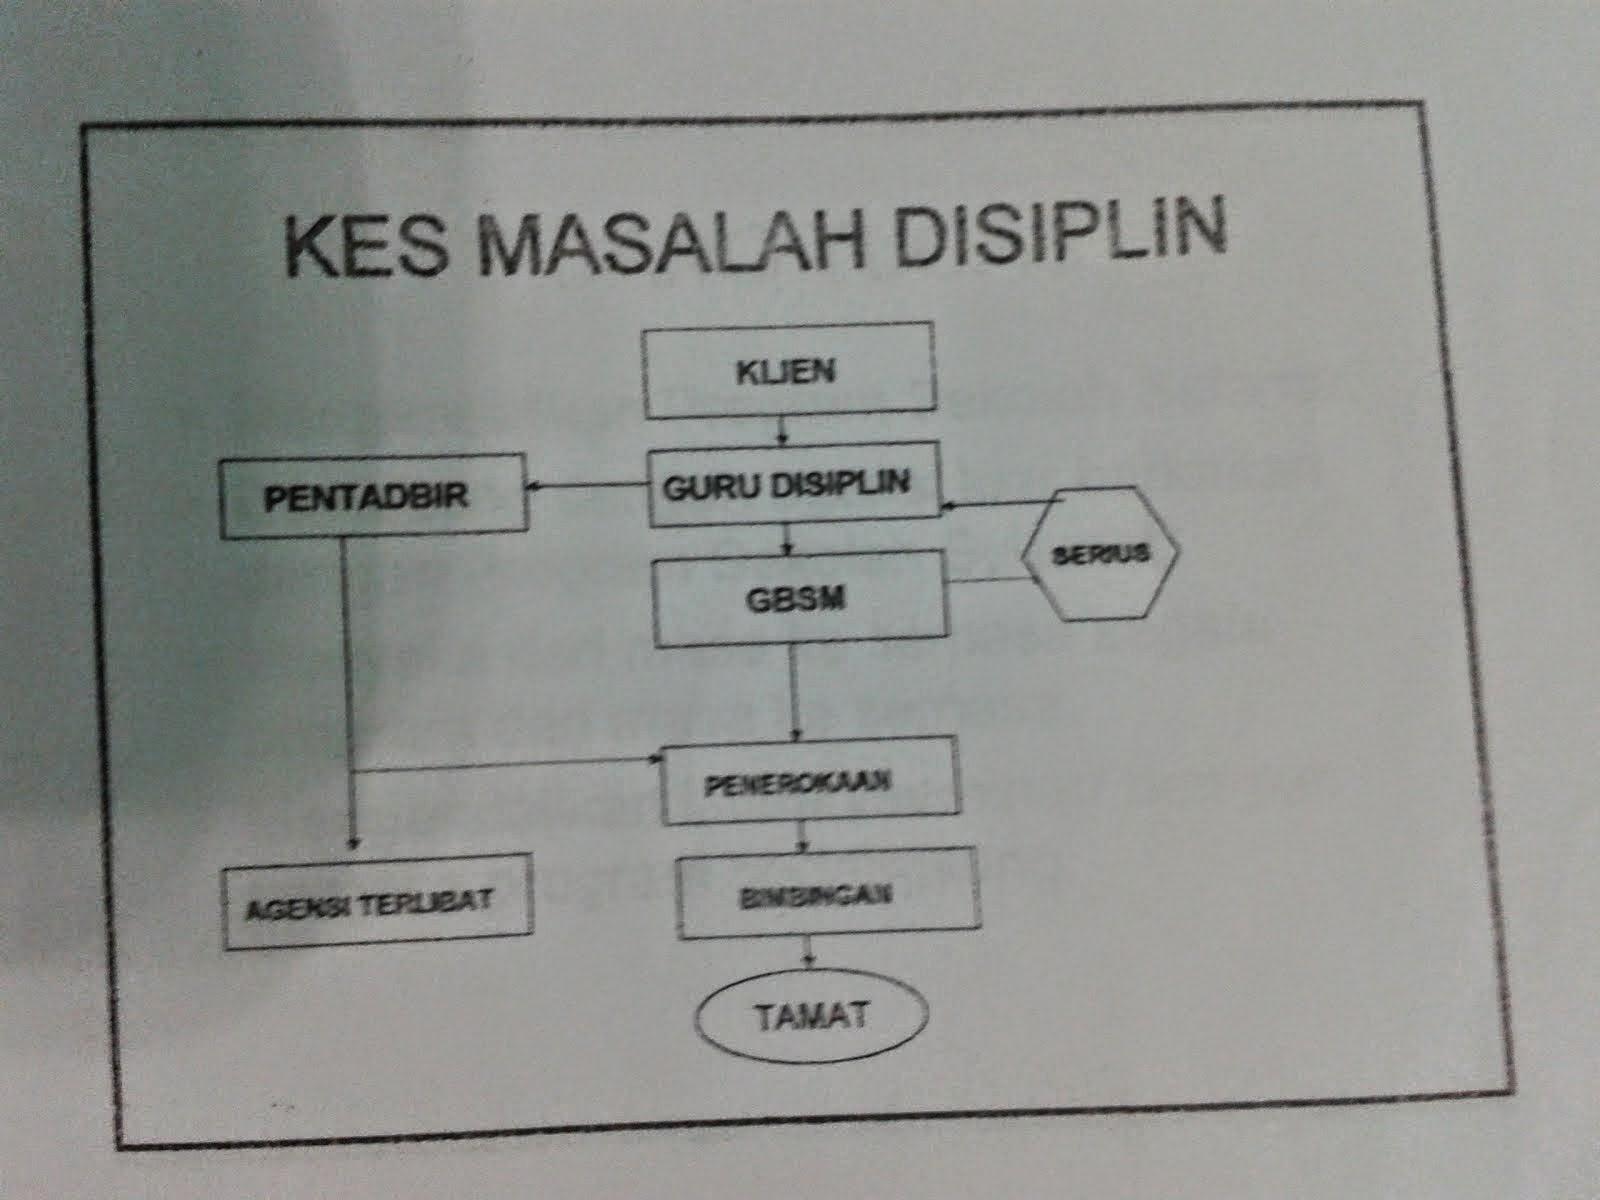 KES MASALAH DISIPLIN